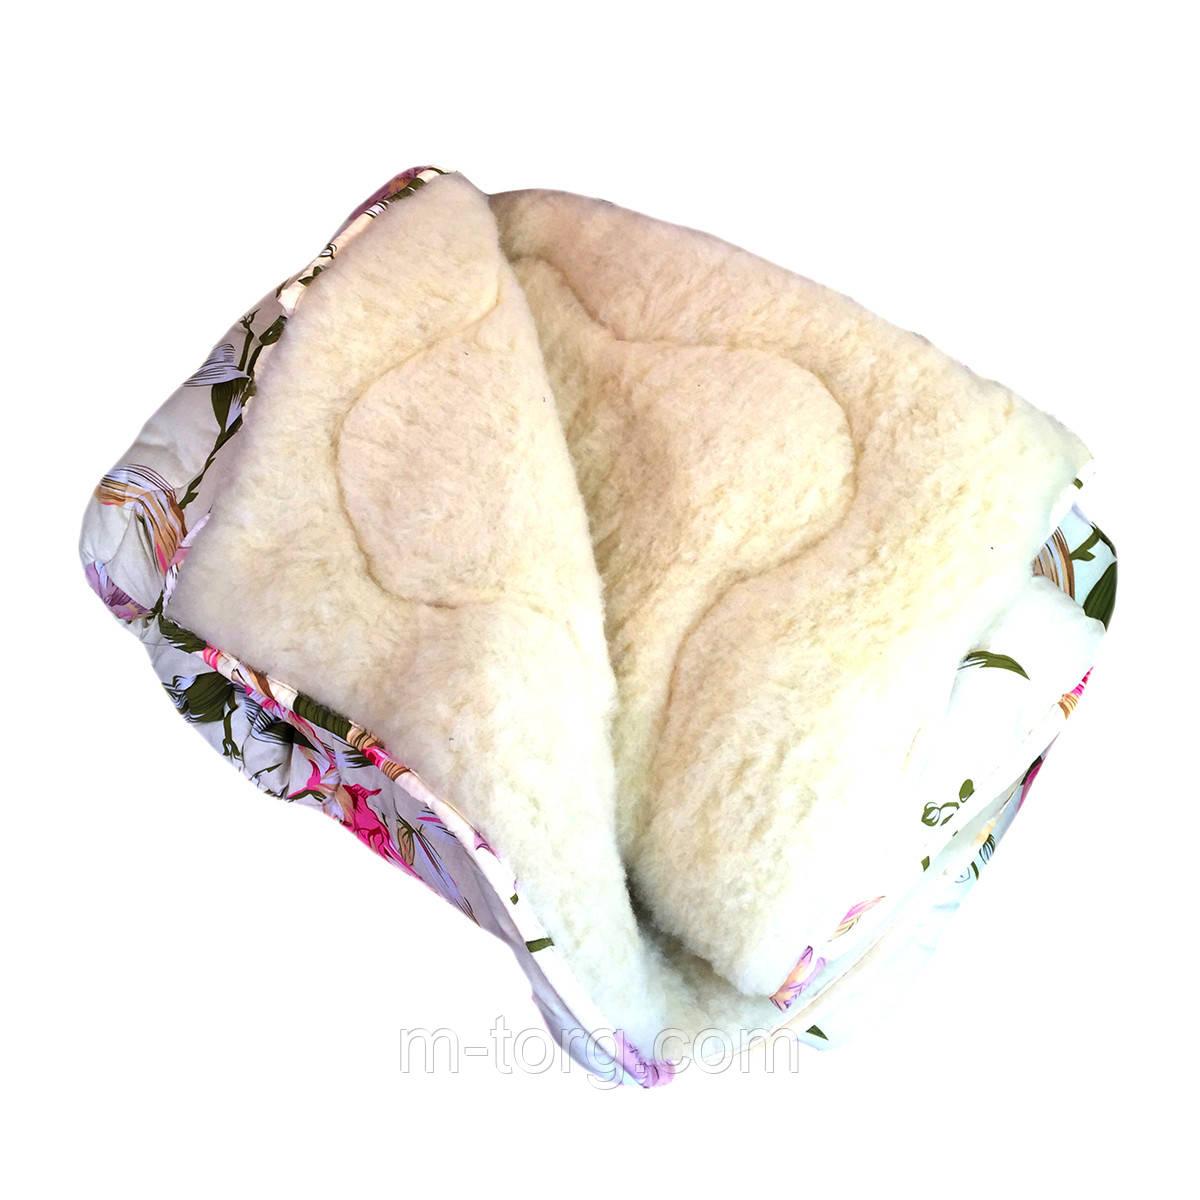 Одеяло двуспальное 180/220 из овчины